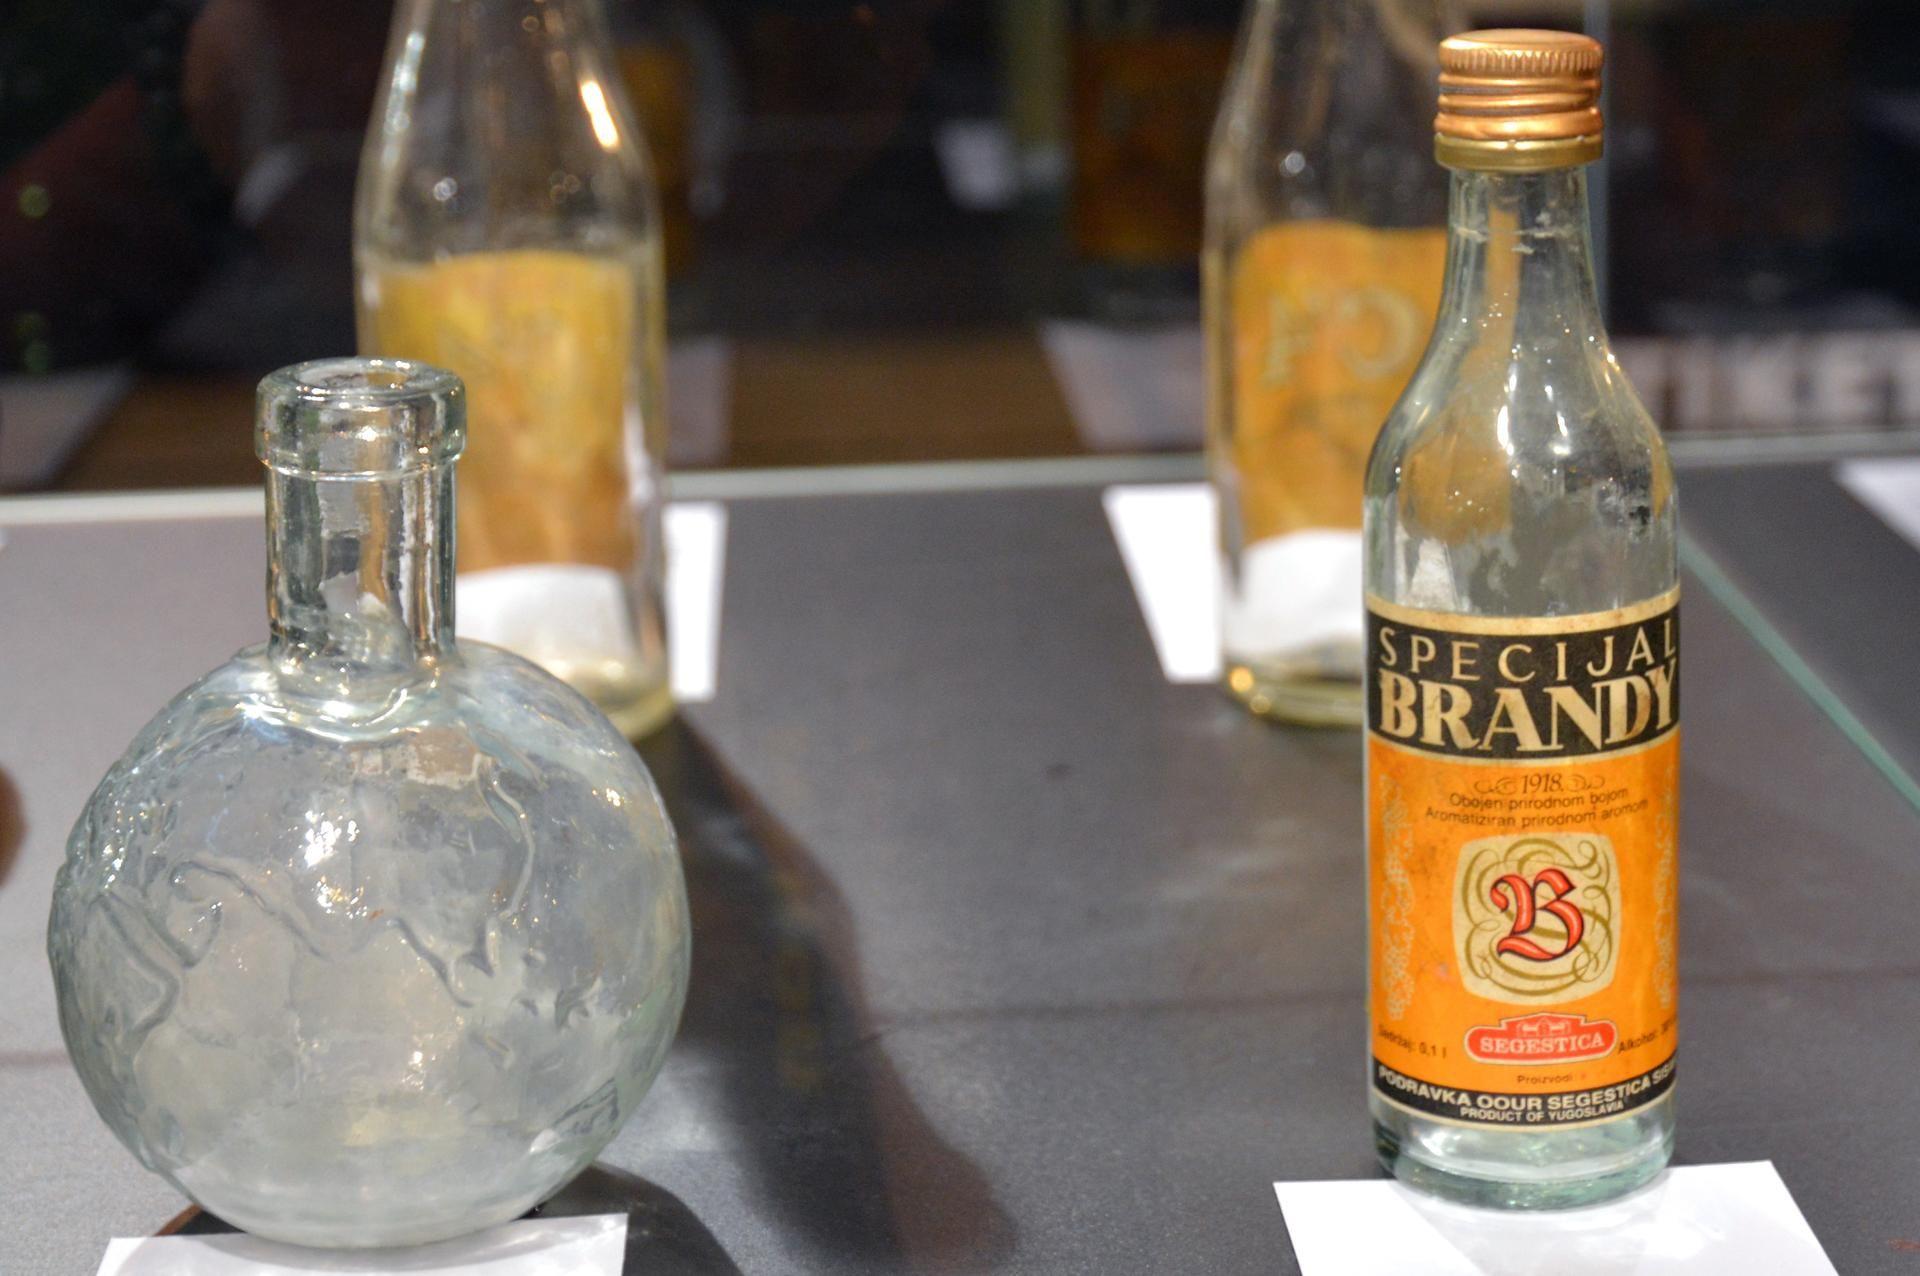 Special Brandy Made By Former Famous Croatian Distillery Segestica Sisak Label Designed By Ozeha Gold Peak Tea Bottle Tea Bottle Vodka Bottle